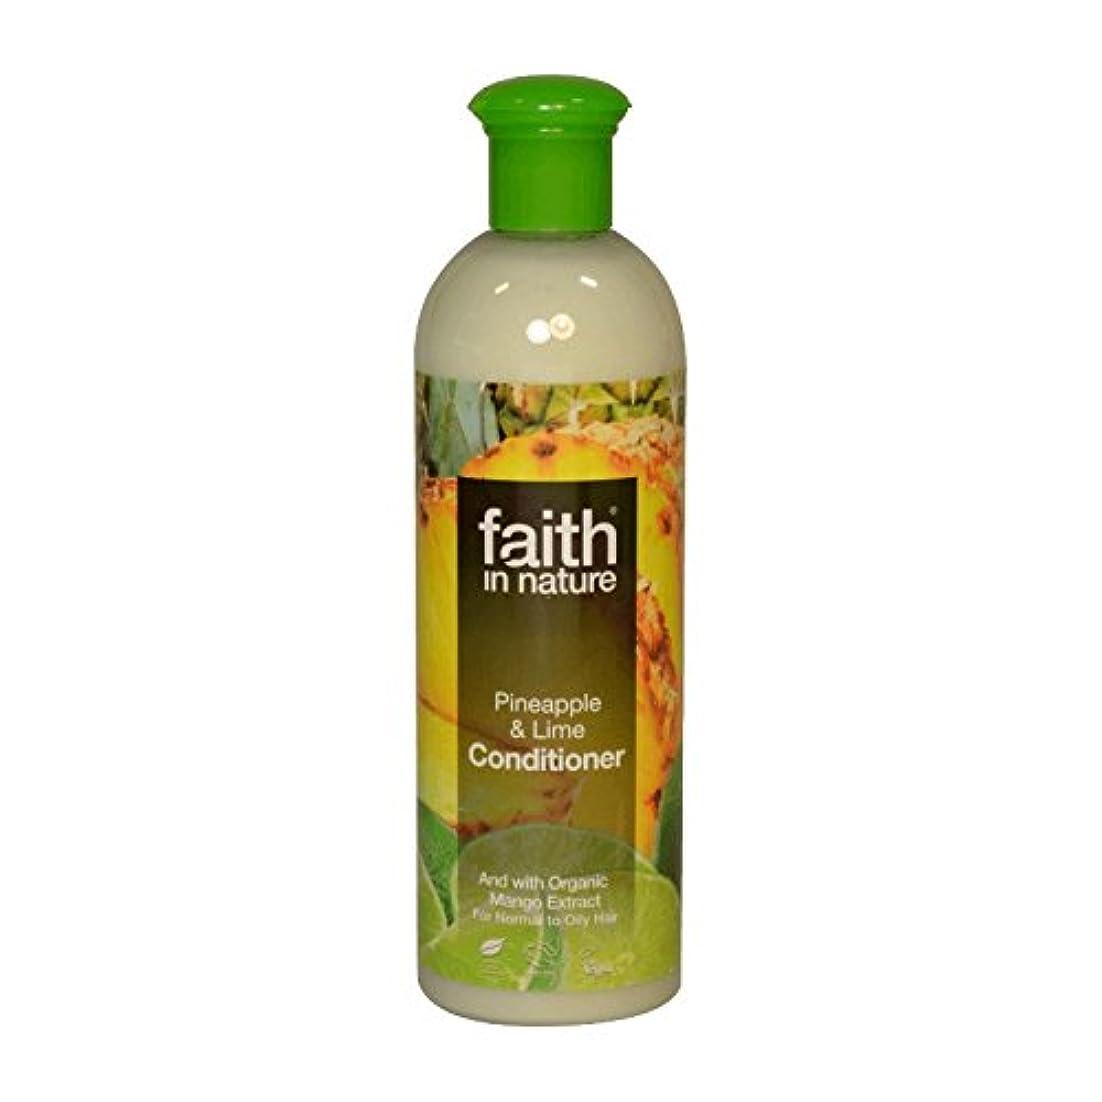 胚マザーランドパースブラックボロウFaith in Nature Pineapple & Lime Conditioner 400ml (Pack of 6) - 自然パイナップル&ライムコンディショナー400ミリリットルの信仰 (x6) [並行輸入品]